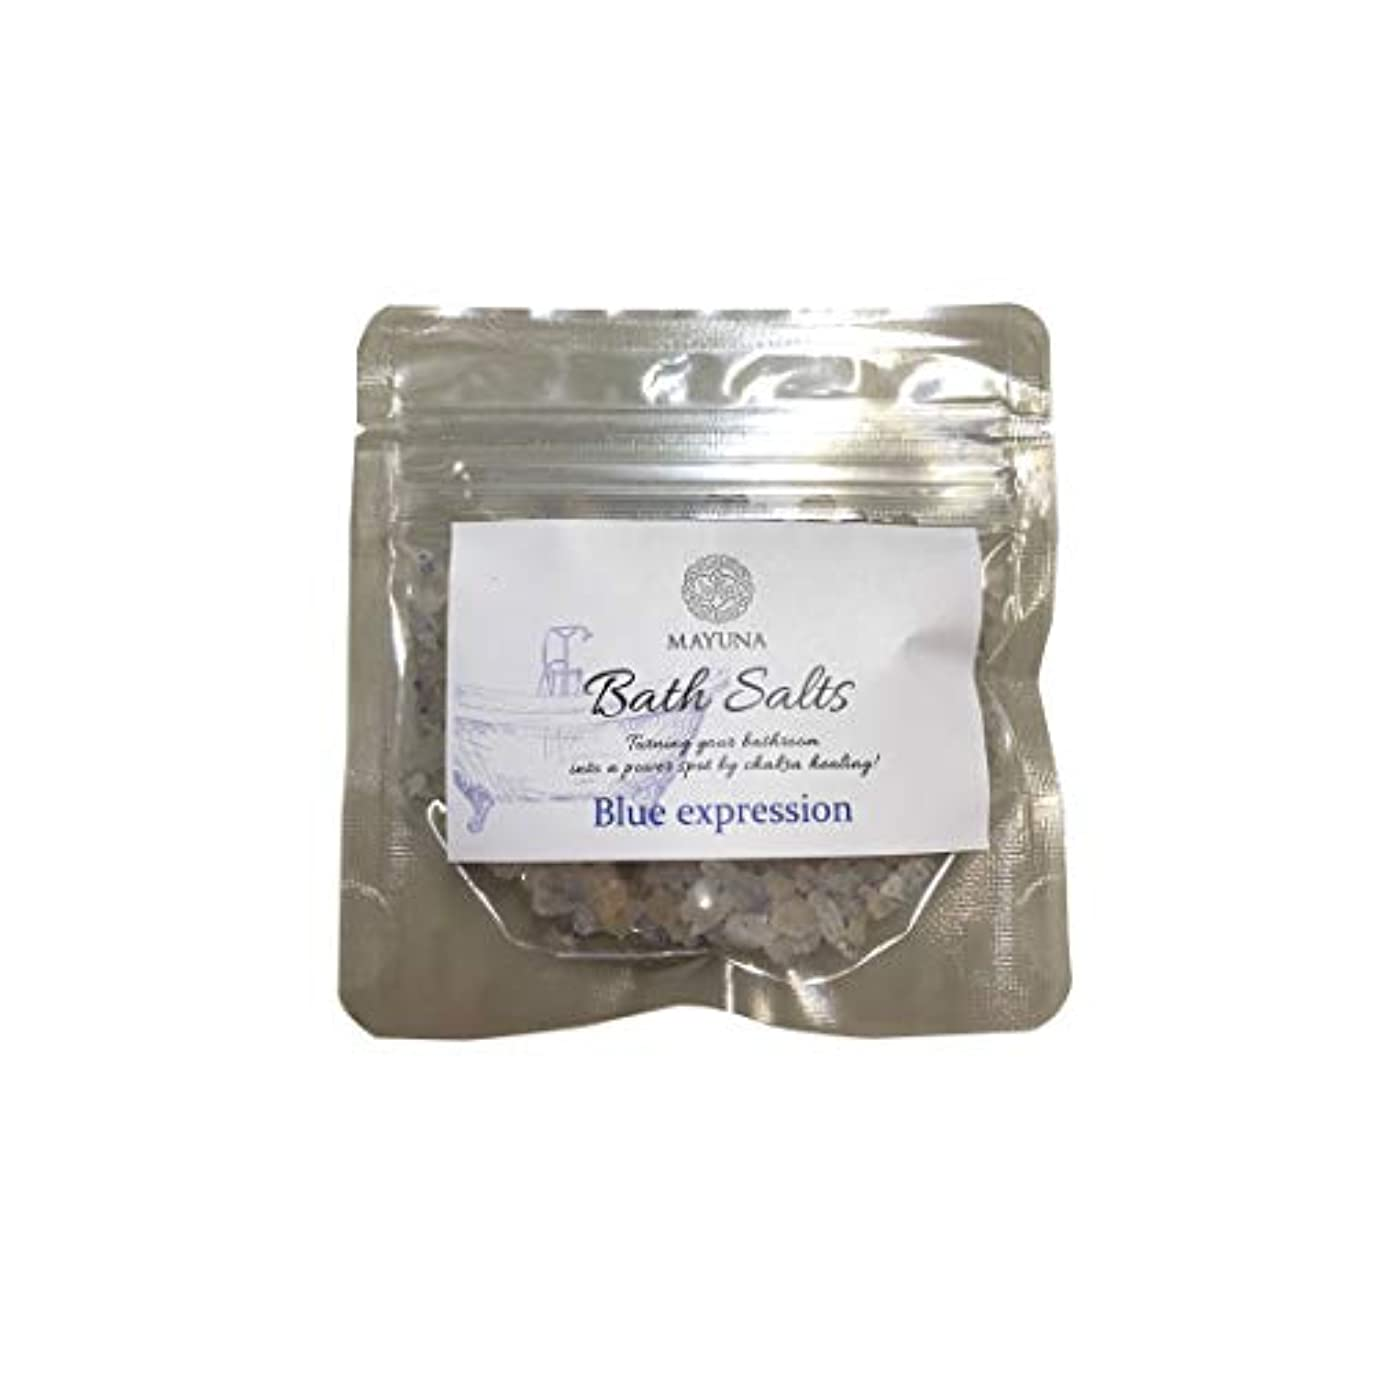 相対的口実教育するMayuna Bath Salts マユナバスソルト クリスタルフォーチュン 50g (ブルーエクスプレッション)